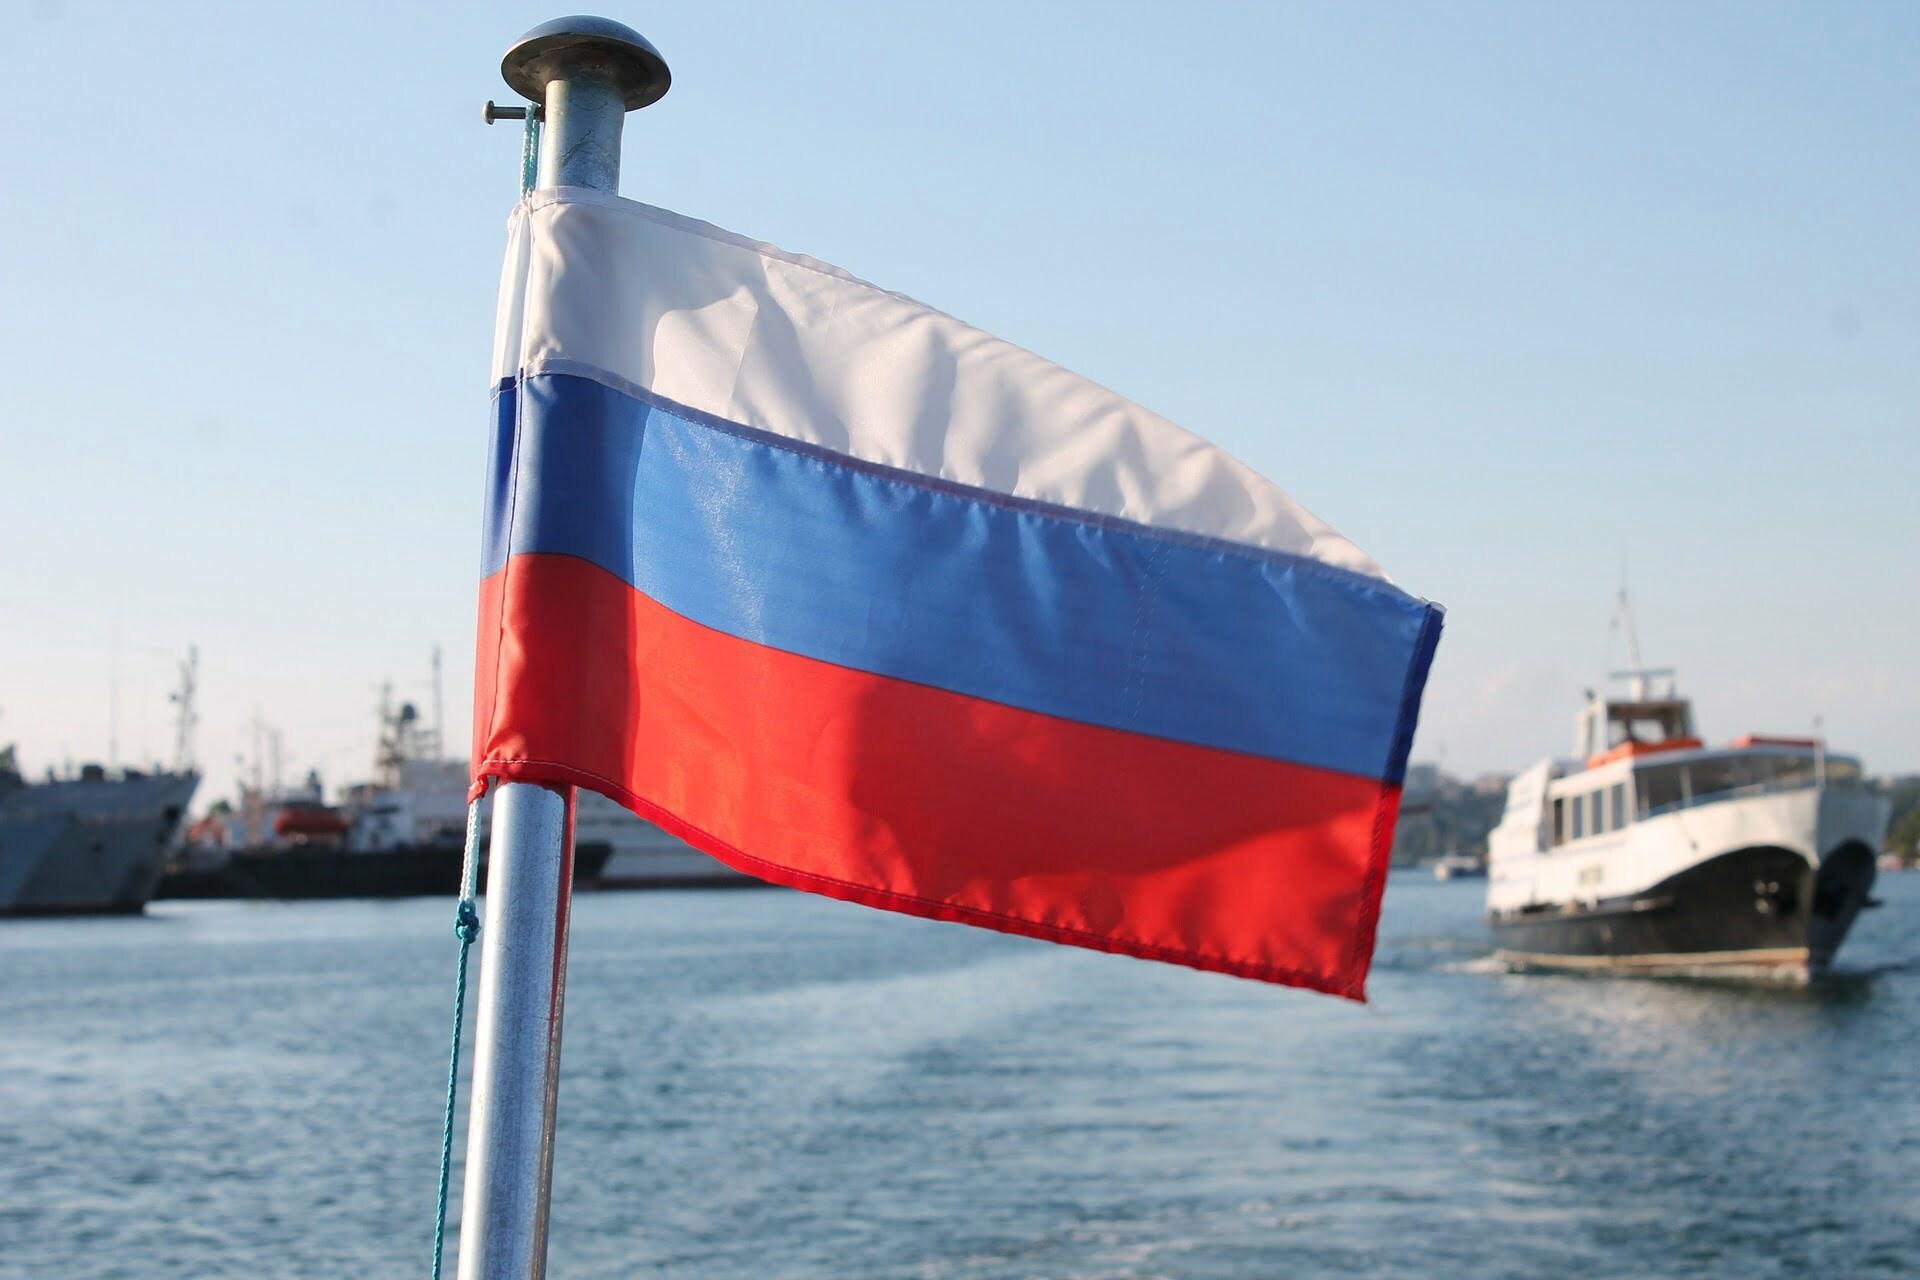 Alexei Moiseev: kryptowalutowe karty są legalne w Rosji